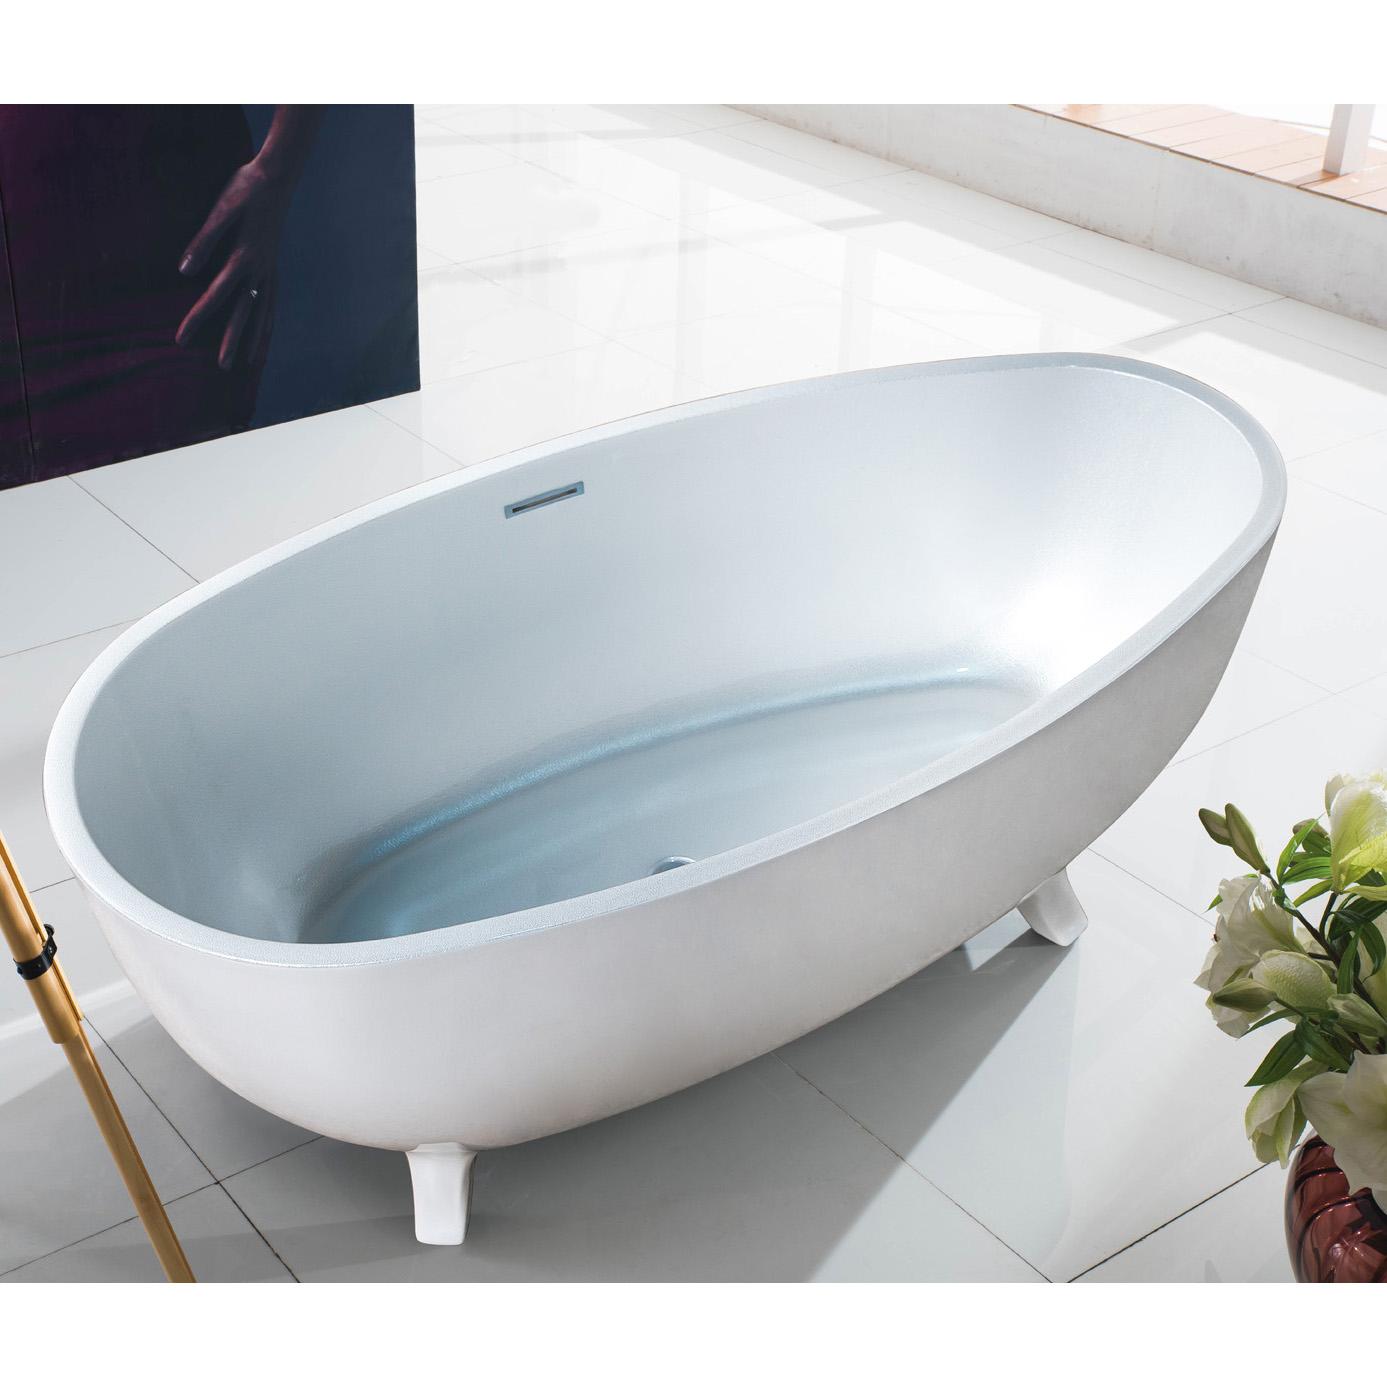 Чугунные ванны купить в Москве в интернет магазине